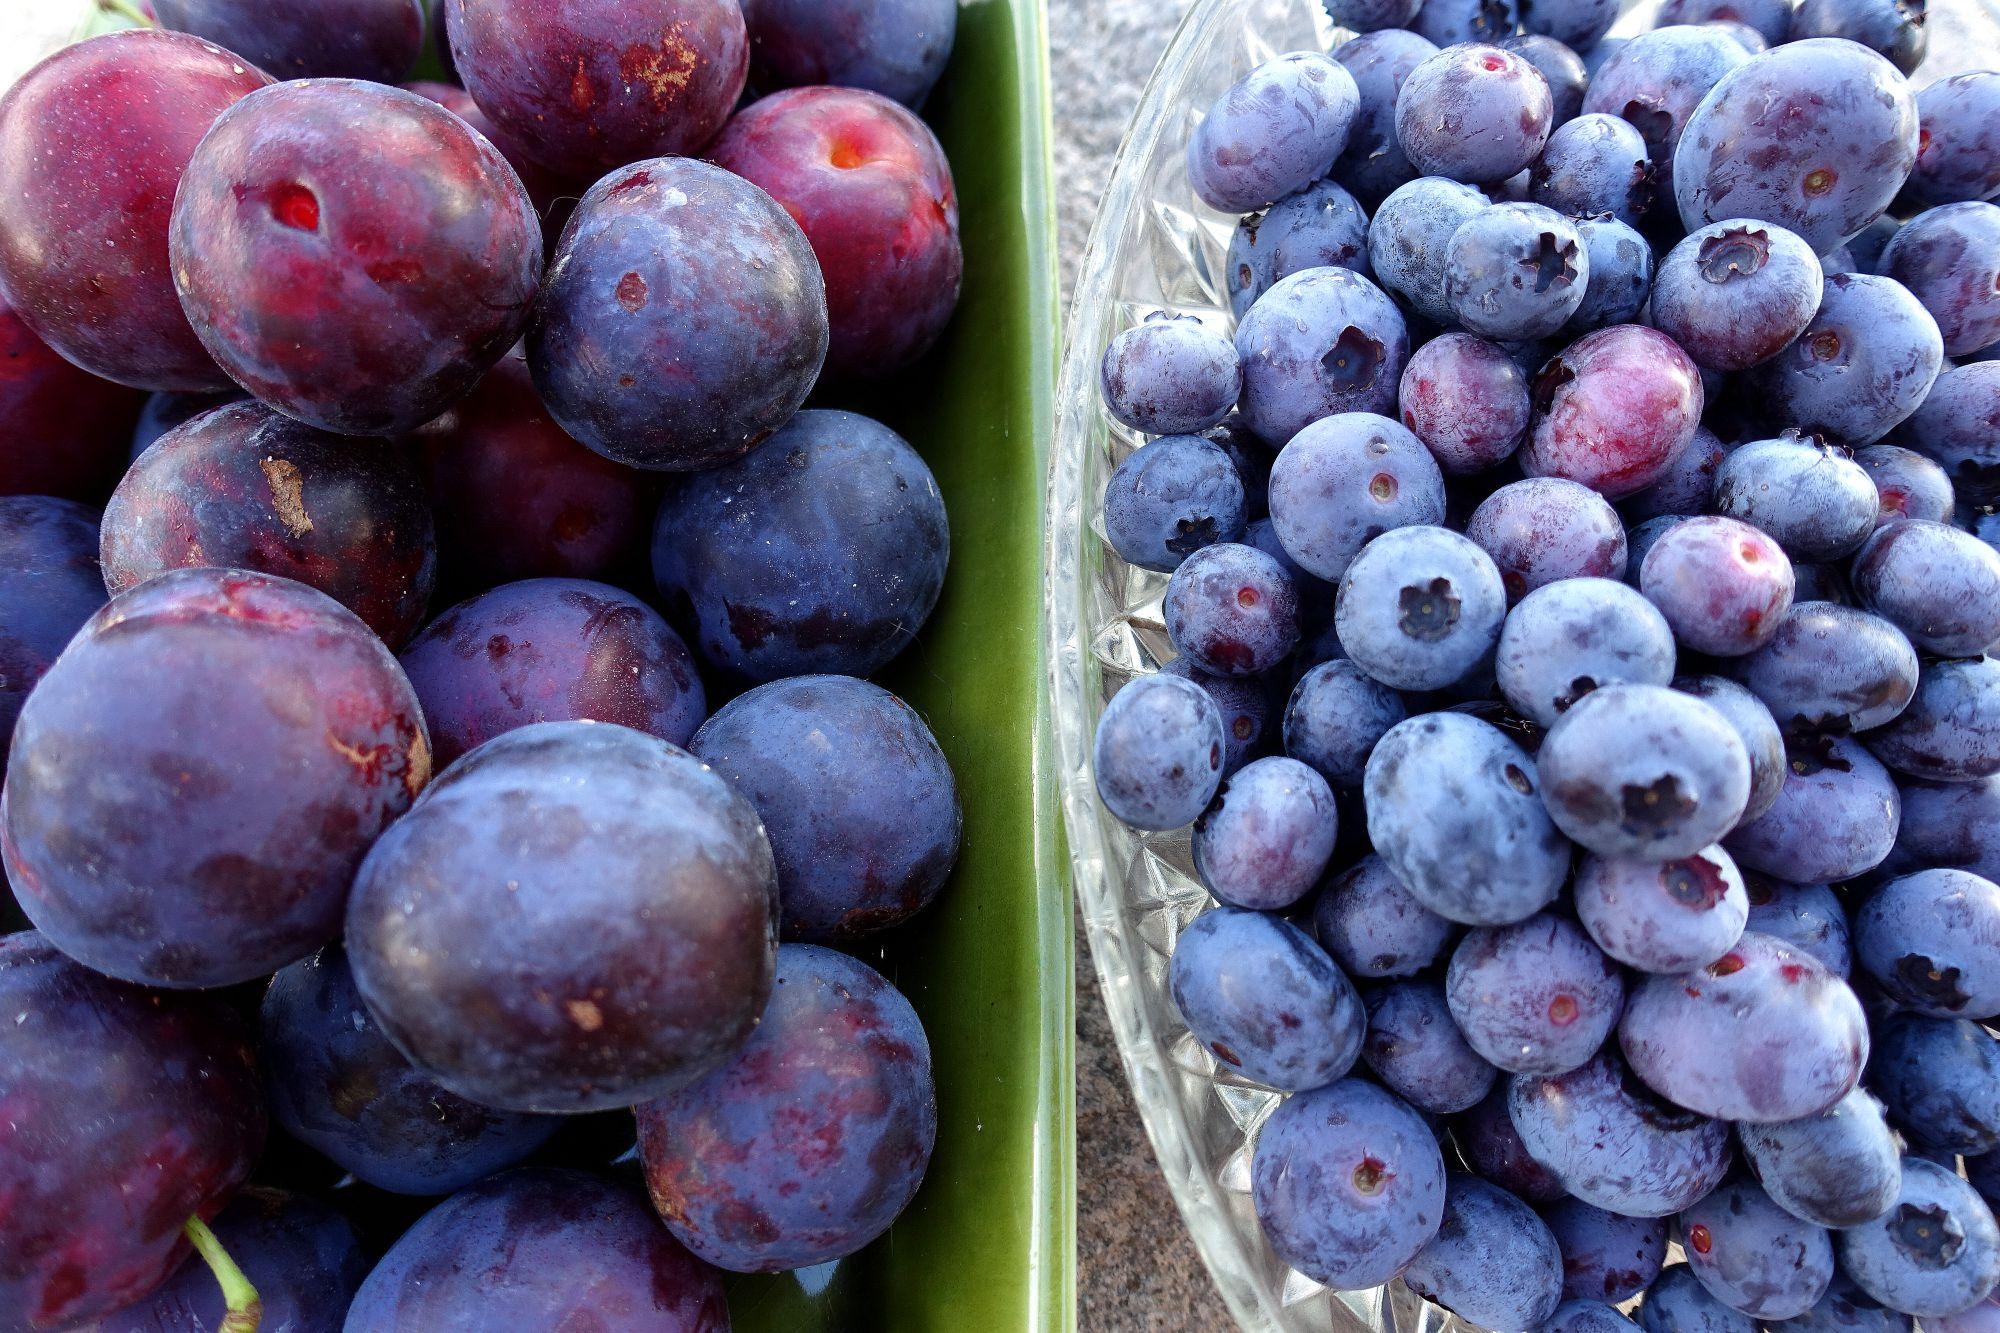 Två skålar bredvid varandra med plommon och blåbär i.